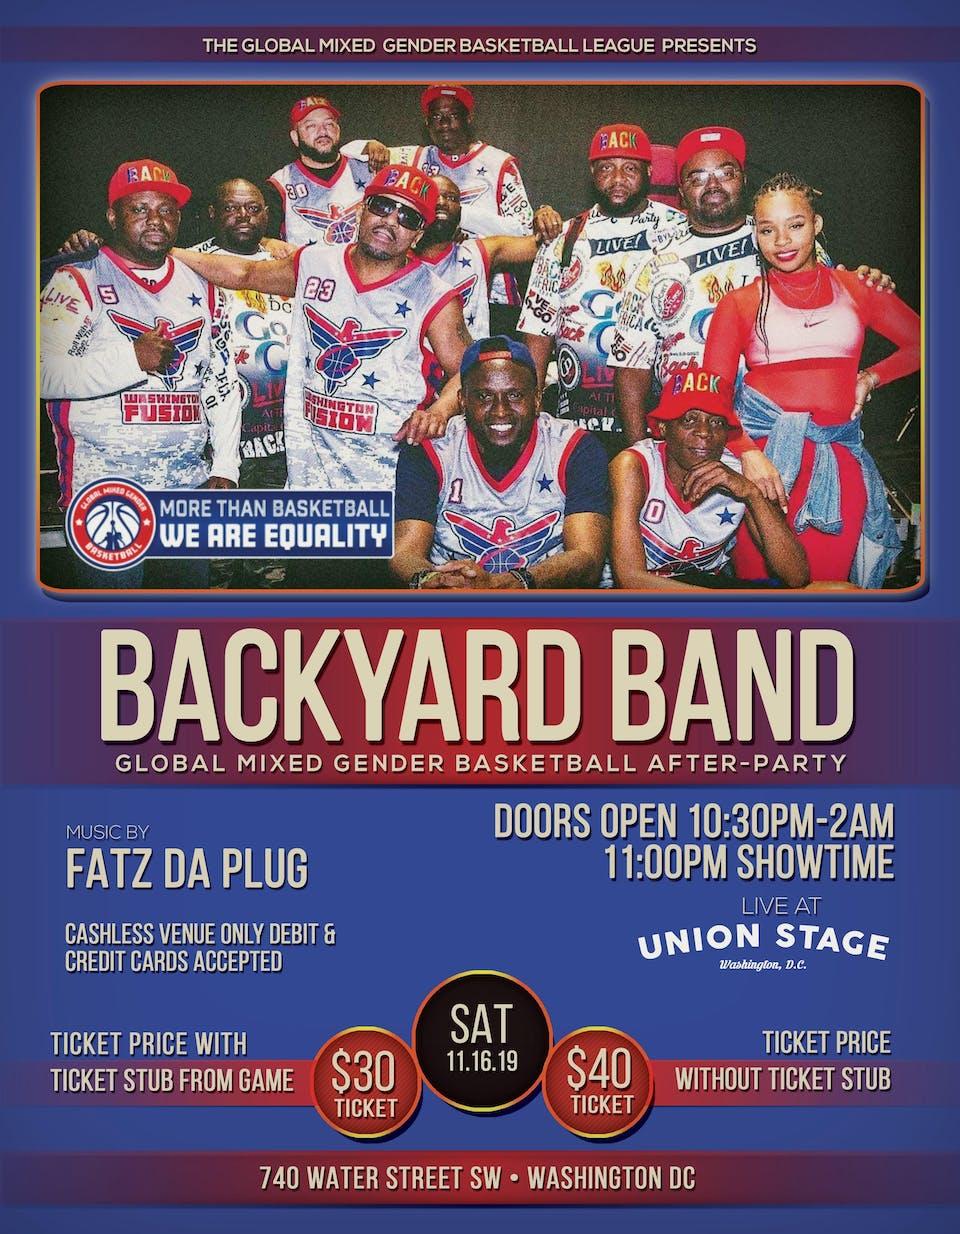 Backyard Band with music by Fatz Da Plug